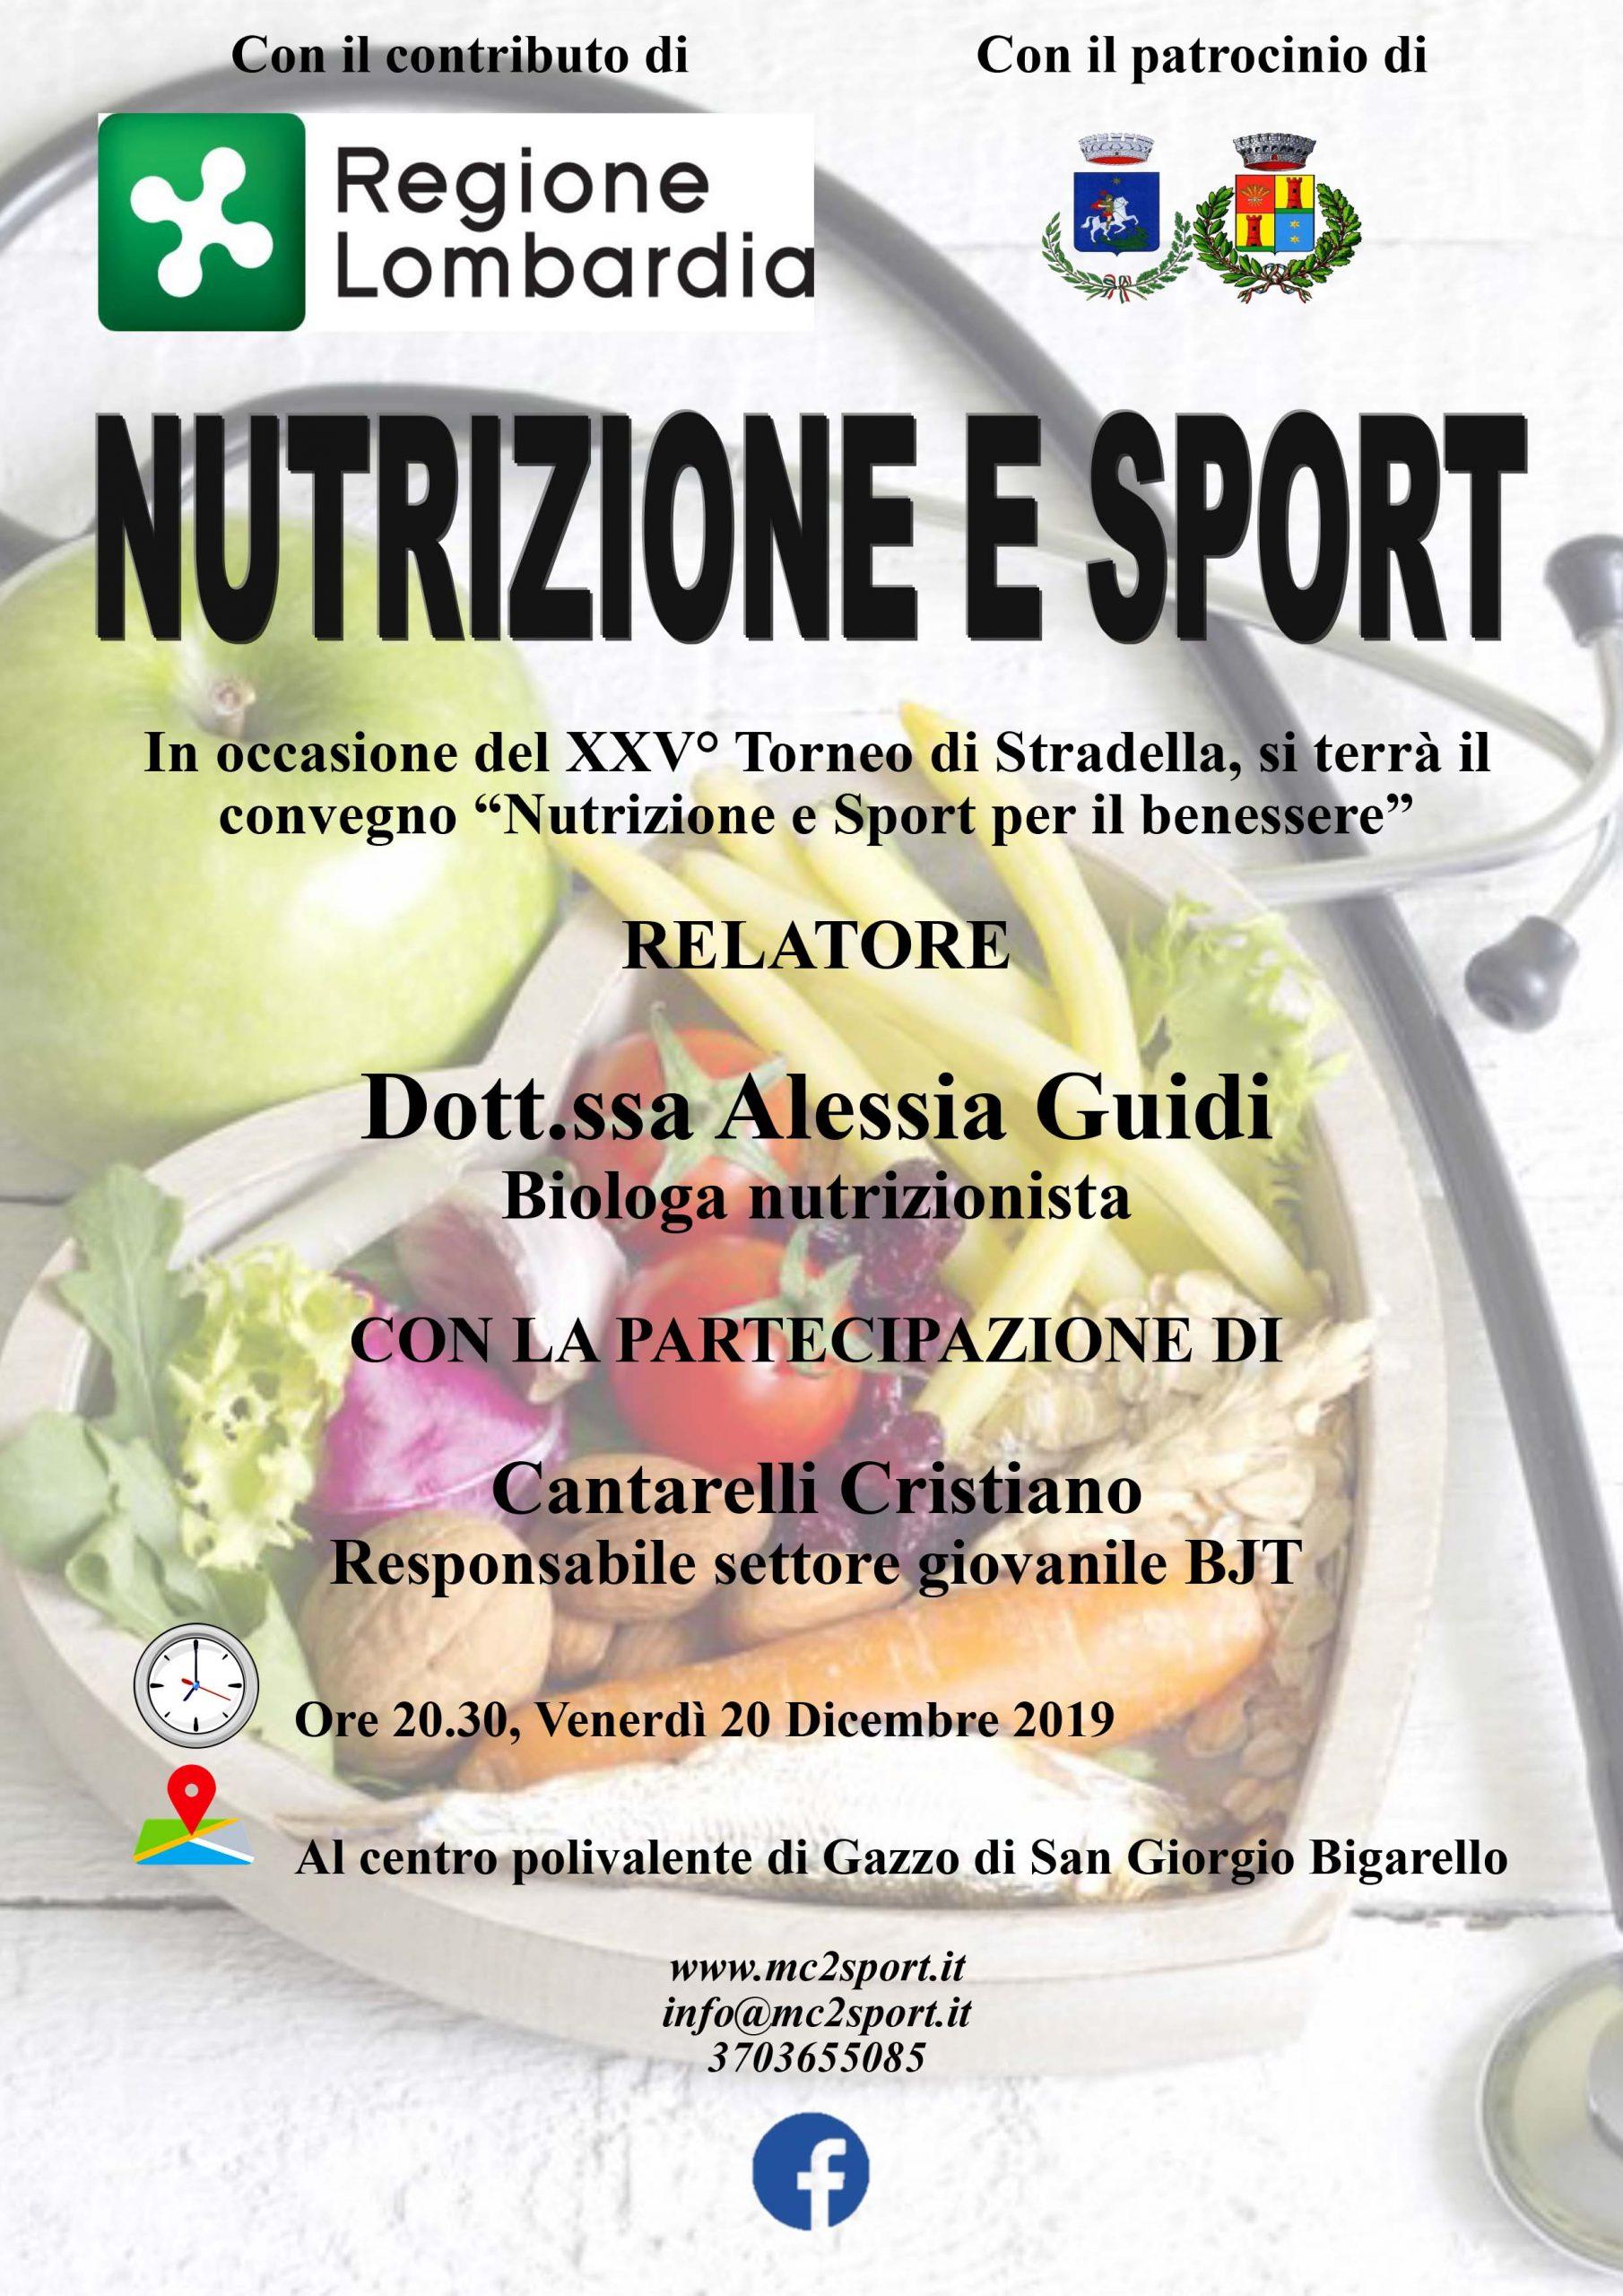 Nutrizione e sport per il benessere